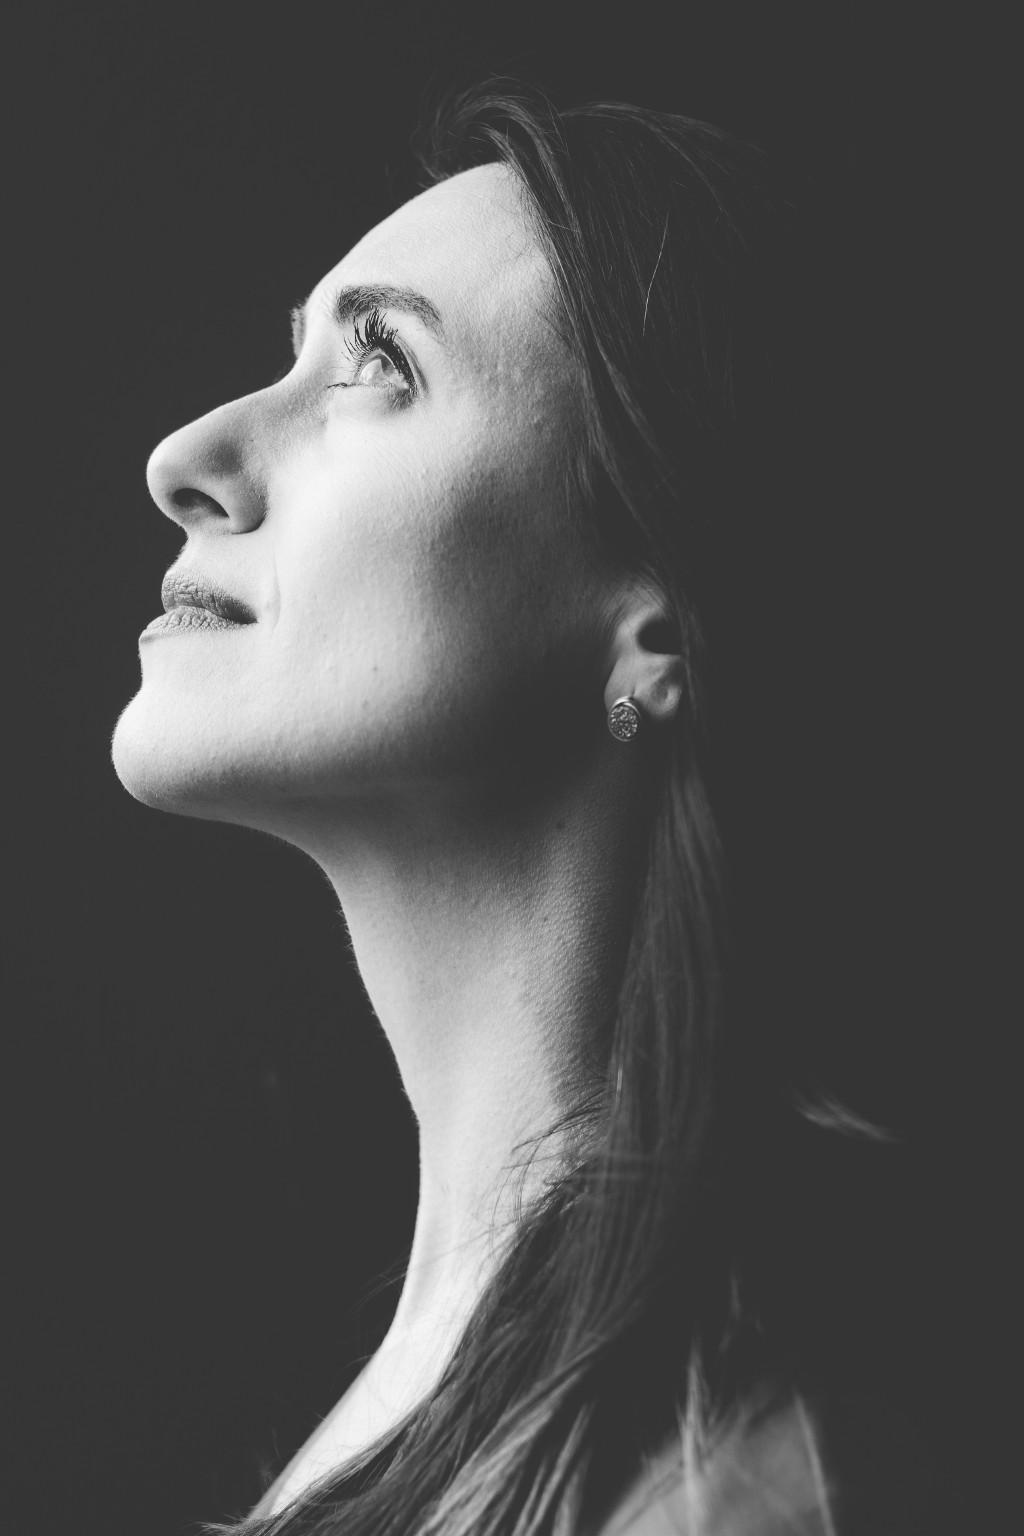 Frau schaut zuversichtlich hoch